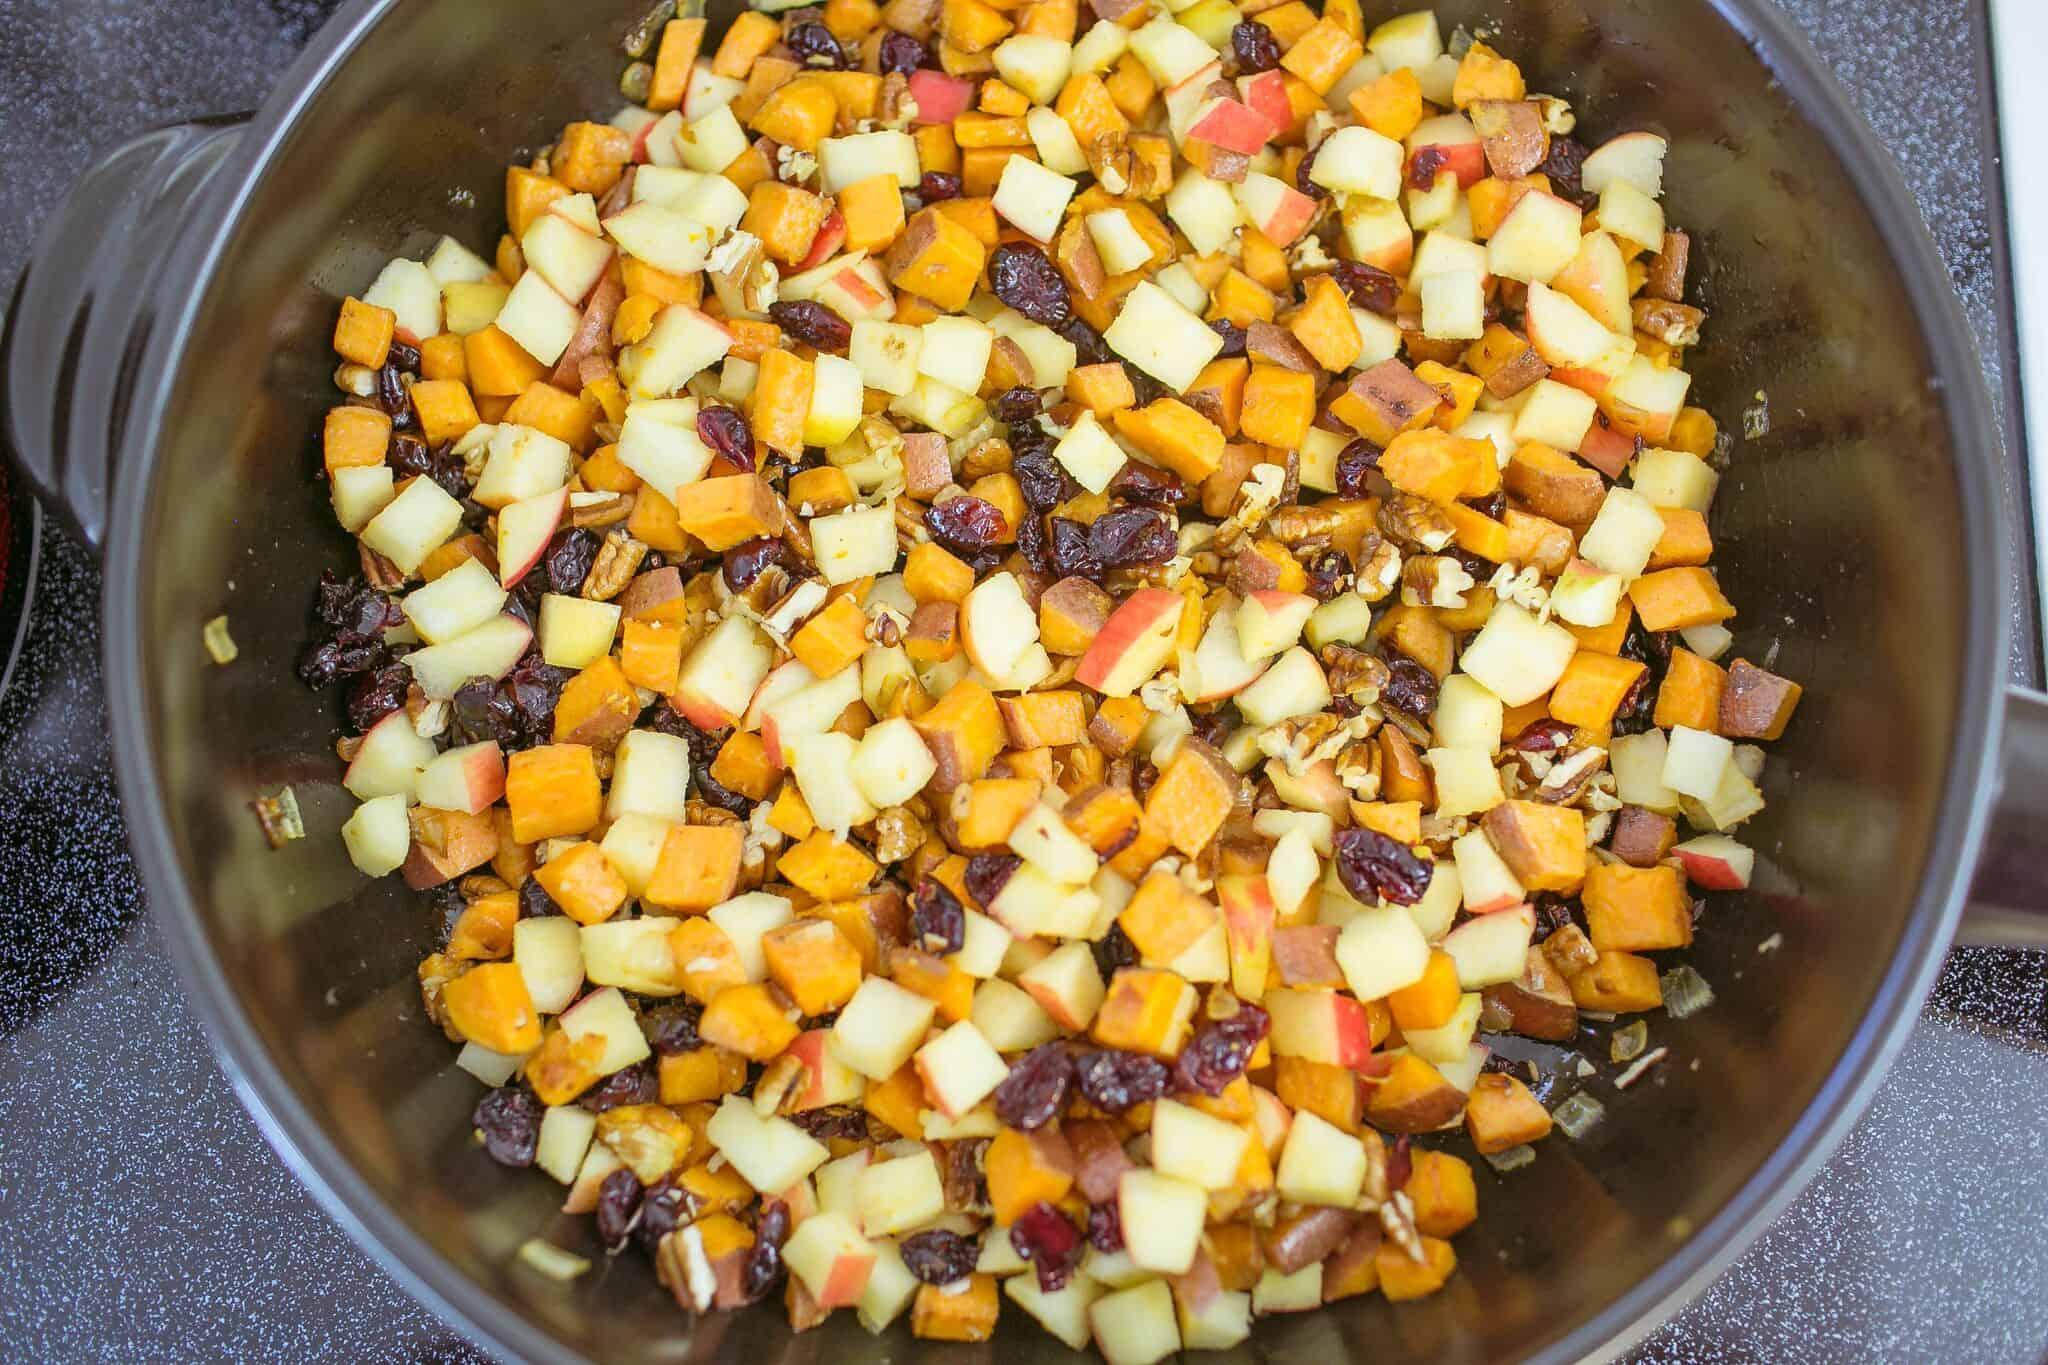 Cauliflower and pecan stuffing